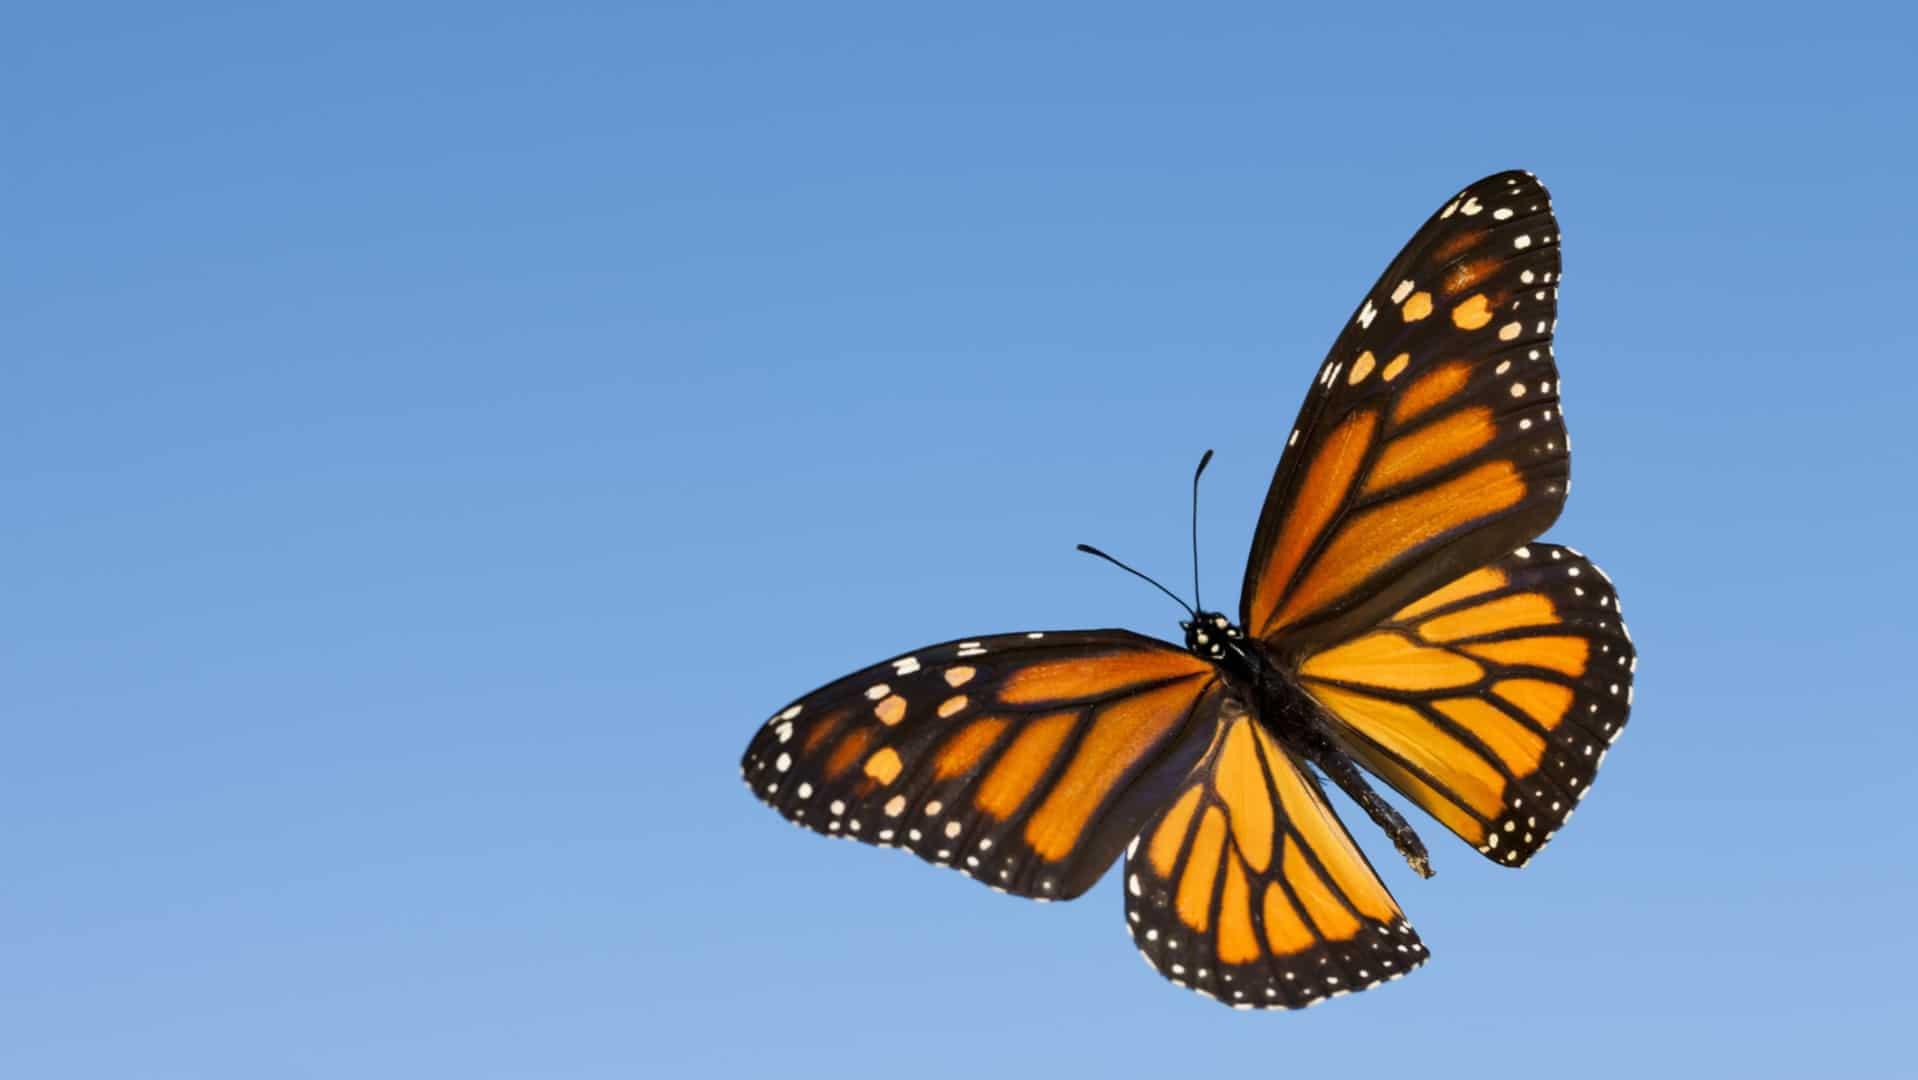 Araştırma Sonucu: Kelebekler Nasıl Uçar?